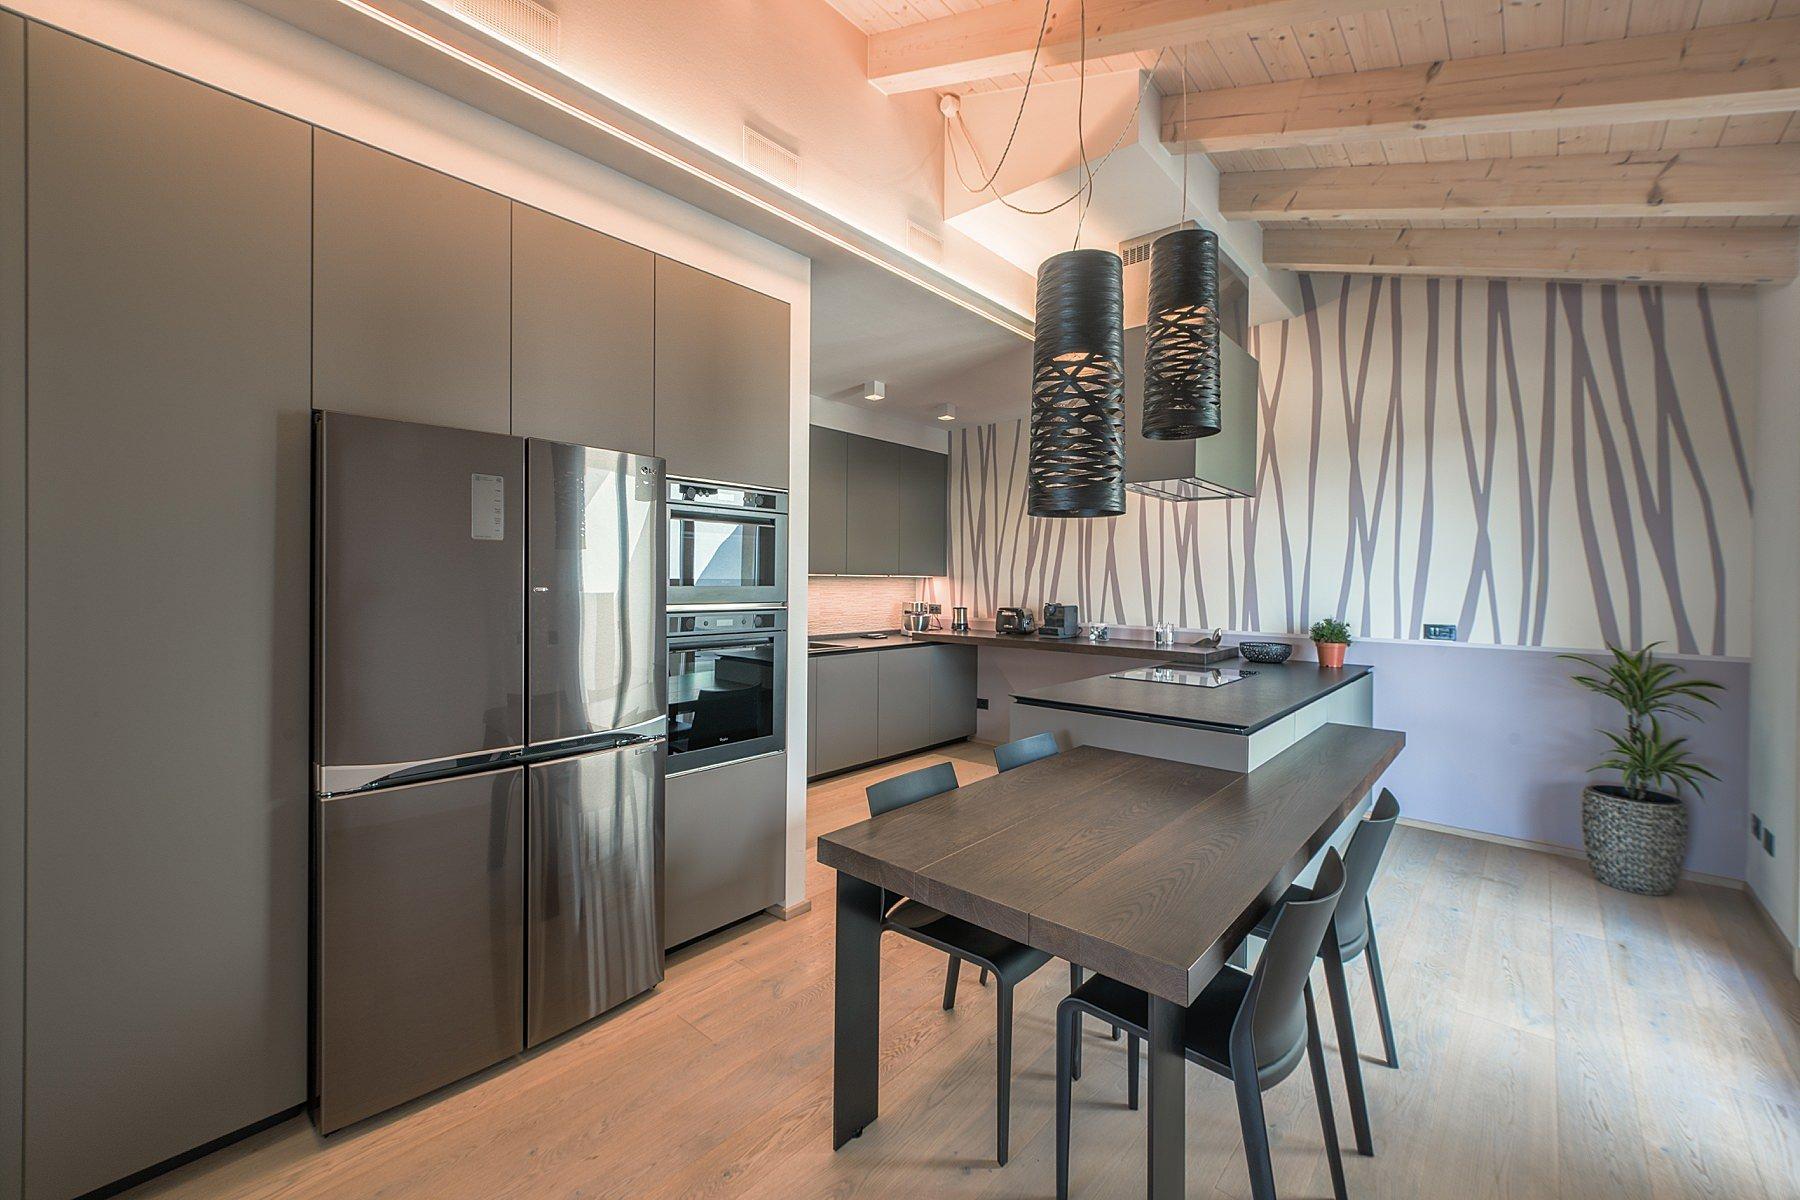 fotografia di interni cucina villa in toscana